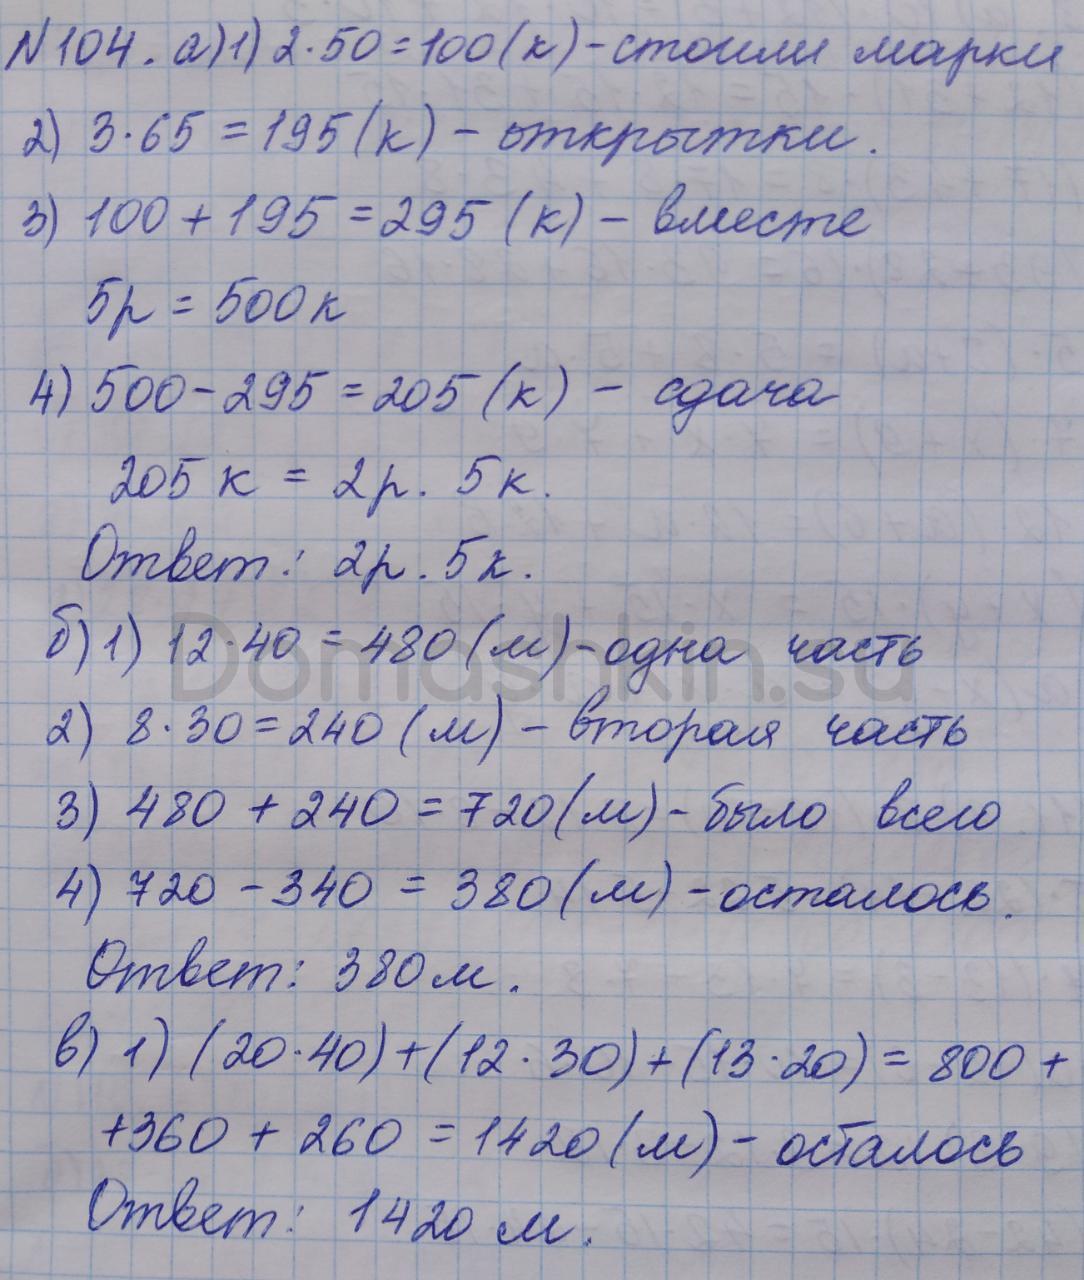 Математика 5 класс учебник Никольский номер 104 решение